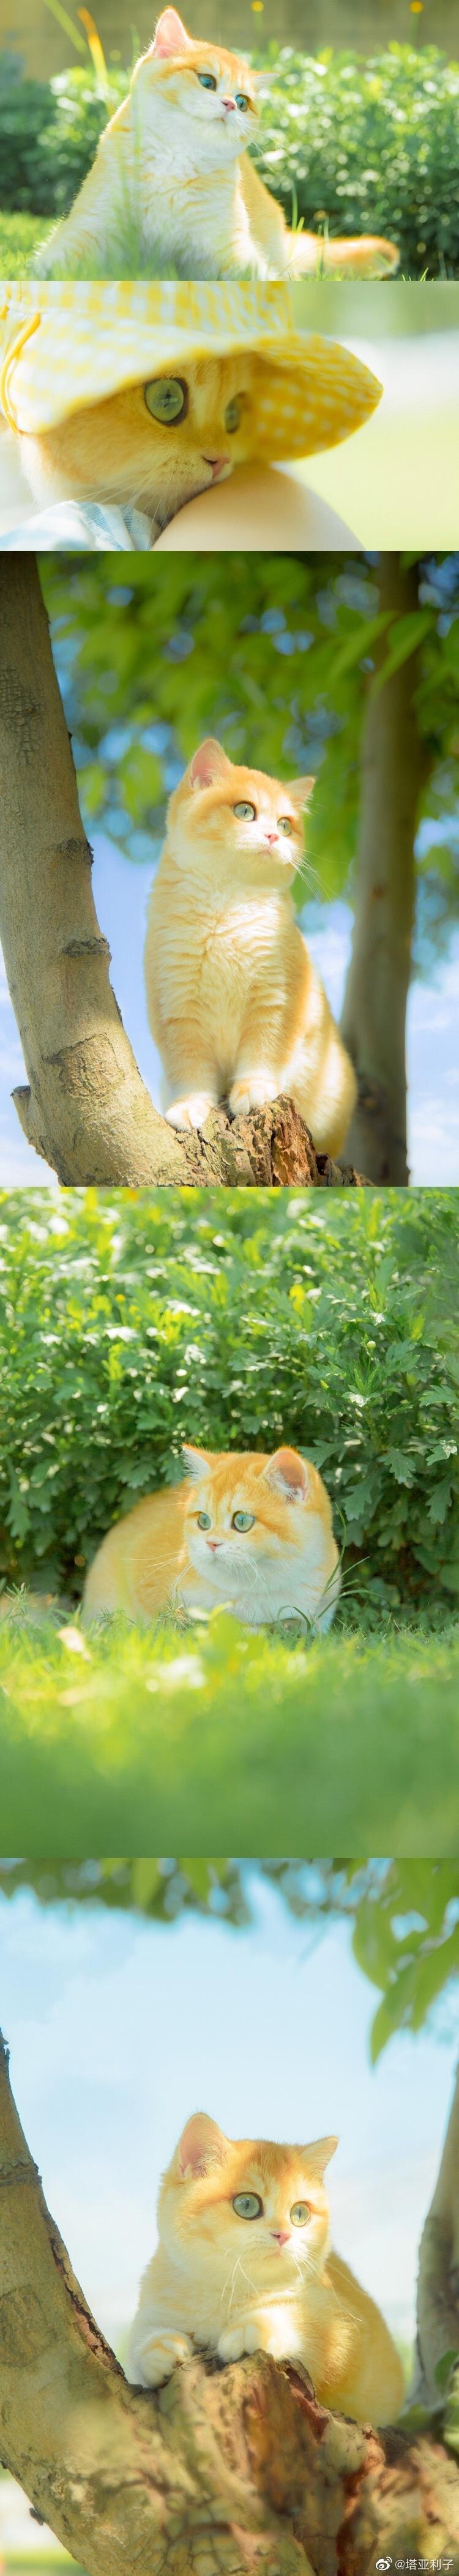 《迪士尼在逃公主猫》 📷:@塔亚利子